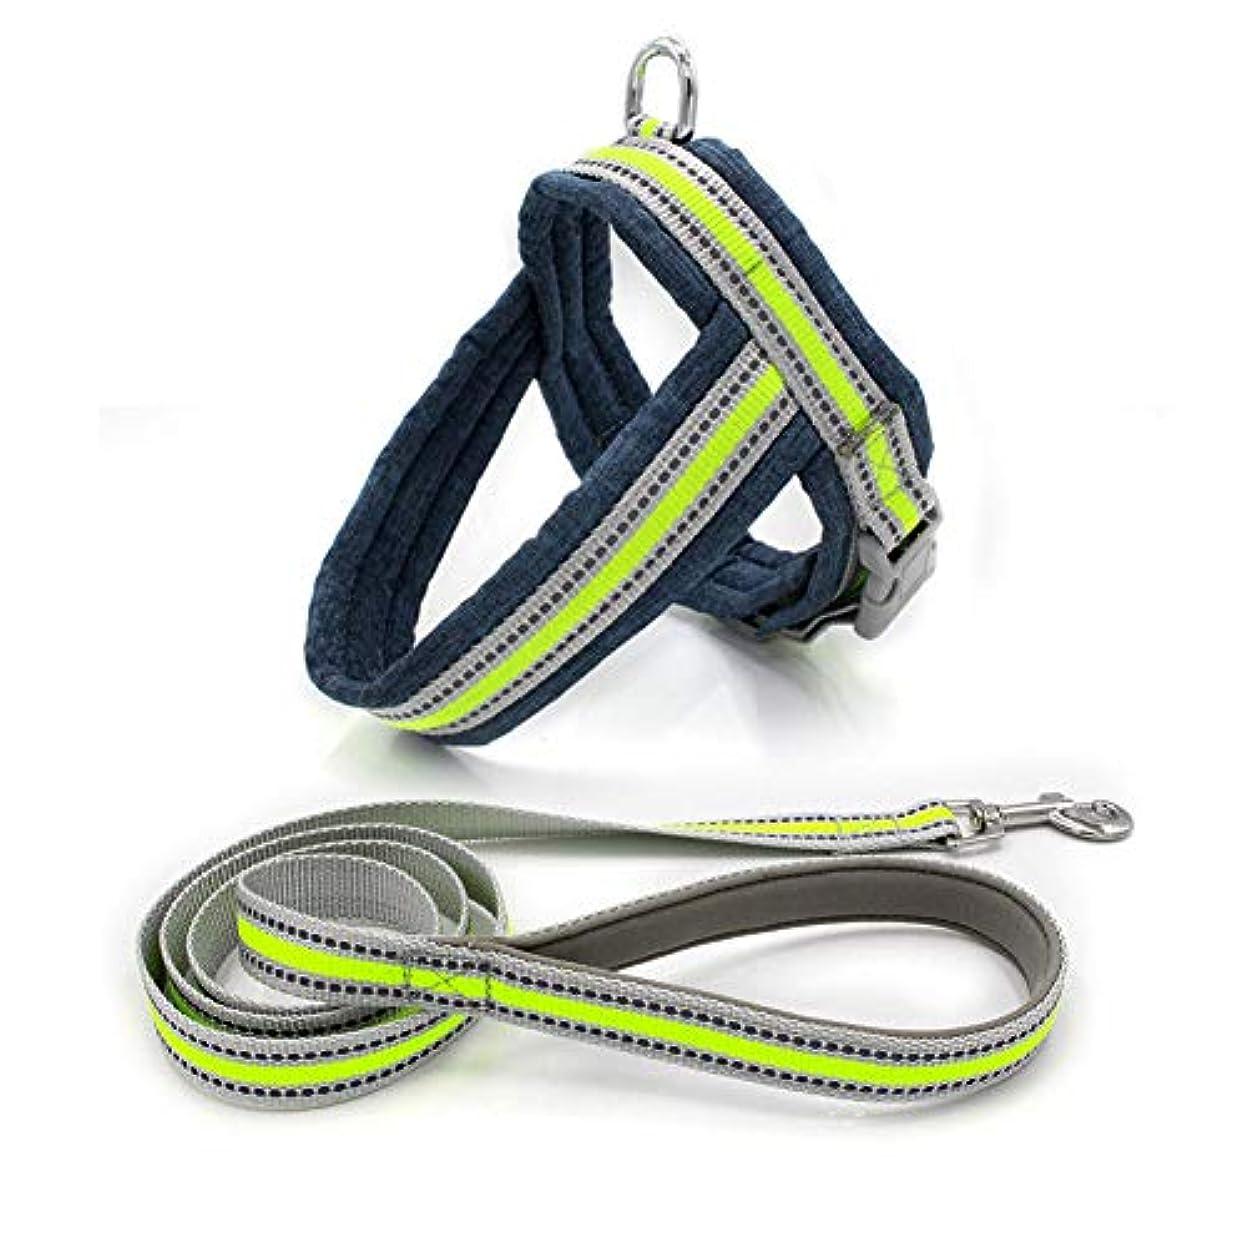 ボイラーデュアル維持New Reflective Ribbon Herringbone Pet Dog Chest Strap Comfortable Soft Lining Dog Harness Small Medium Dog Leash Pet Dog Supplies (L, fluorescent green)